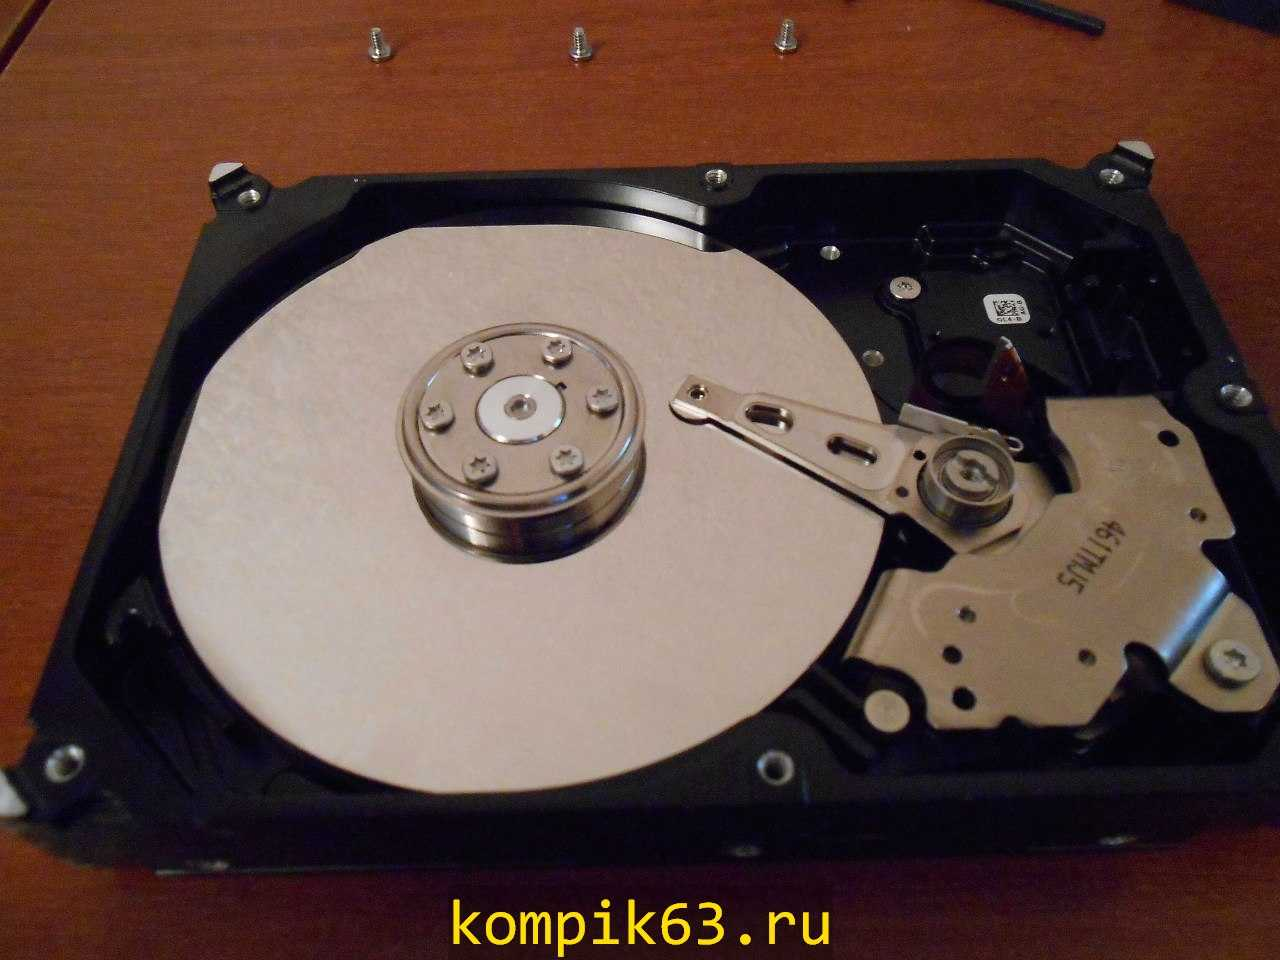 kompik63.ru-178